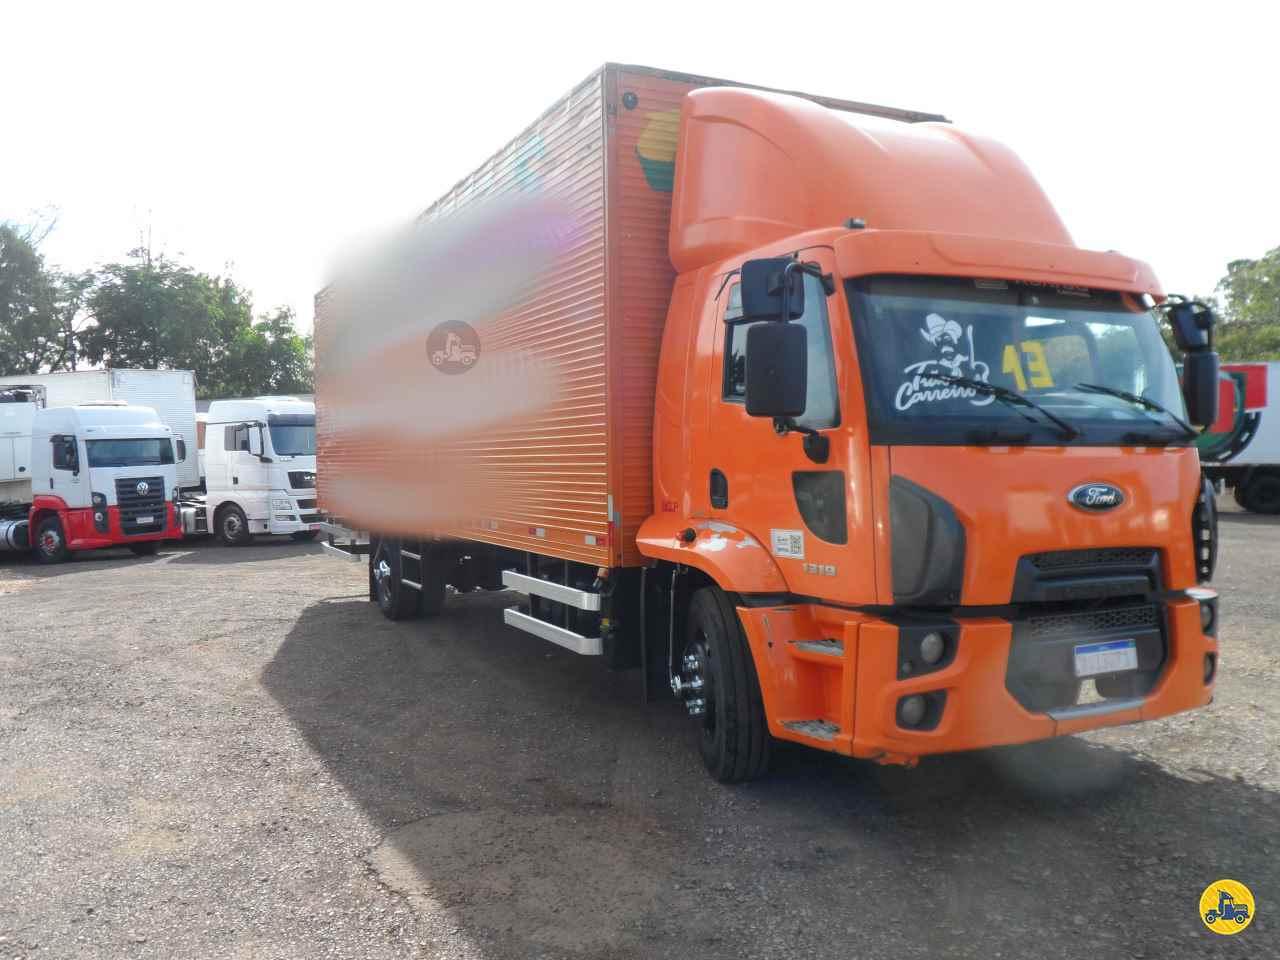 CAMINHAO FORD CARGO 1319 Baú Furgão Toco 4x2 Maracavel Londrina Caminhões LONDRINA PARANÁ PR